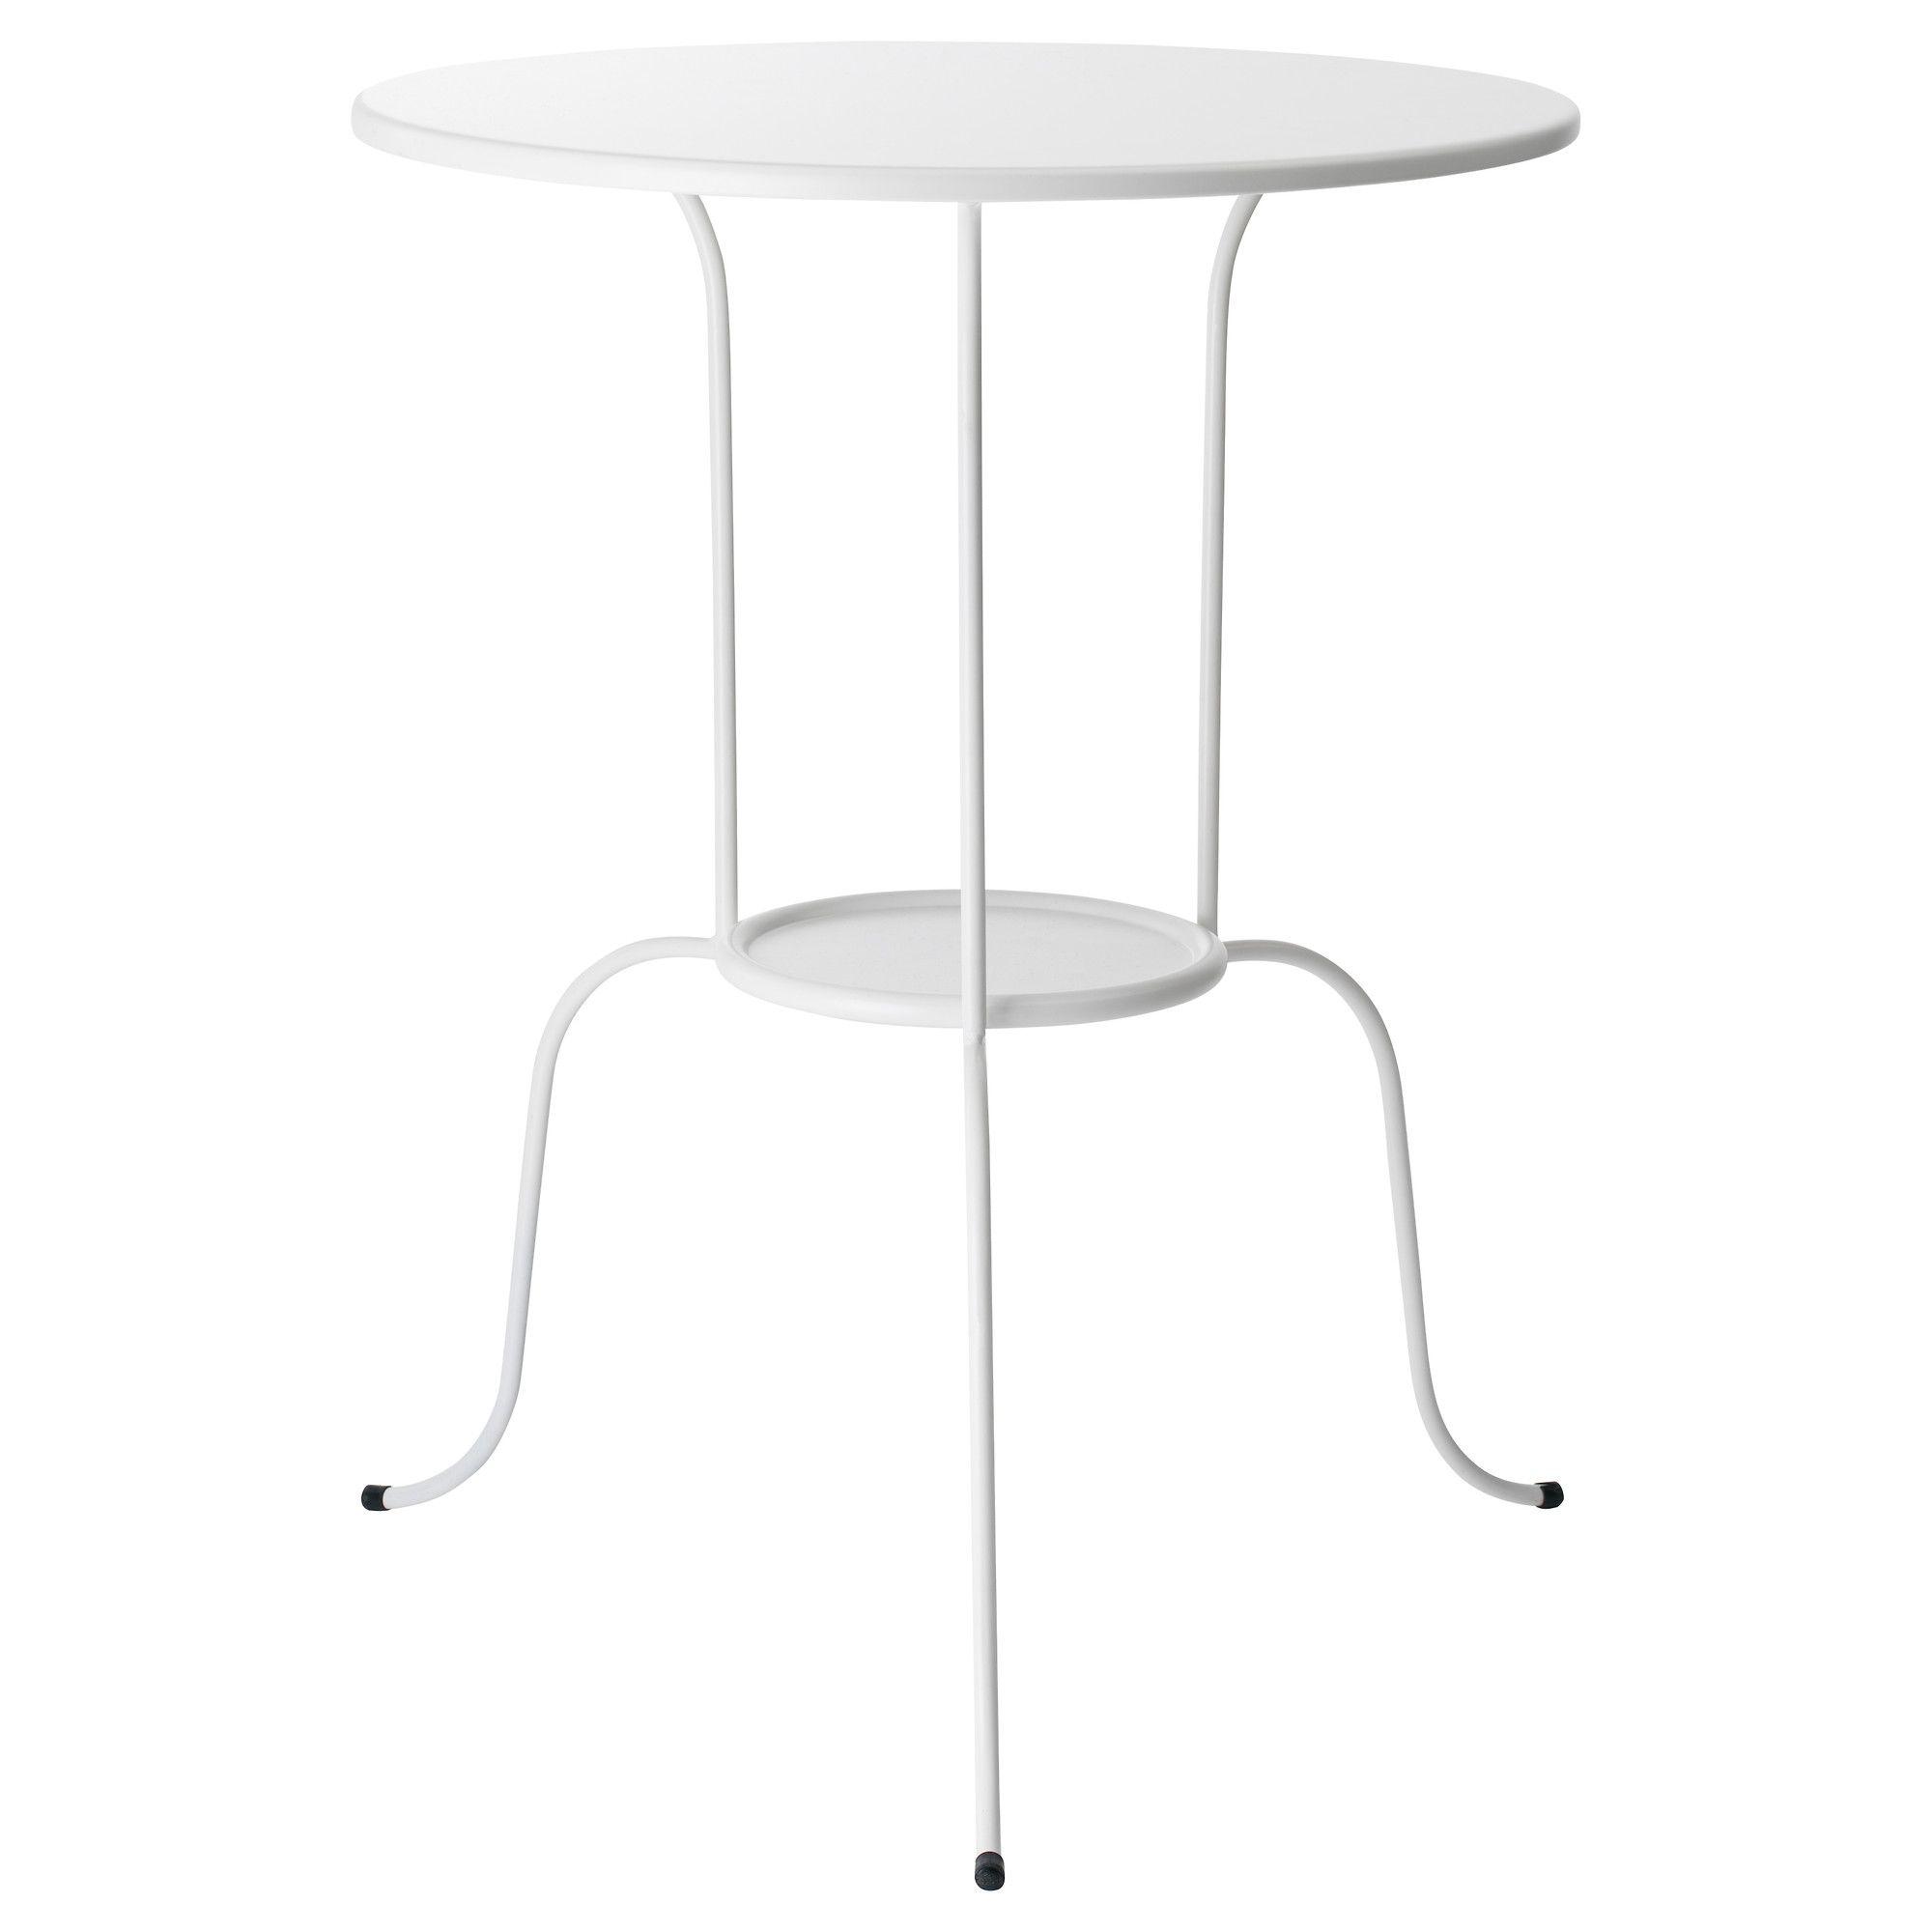 Meubles Et Accessoires Table De Chevet Ikea Table Basse Ikea Et